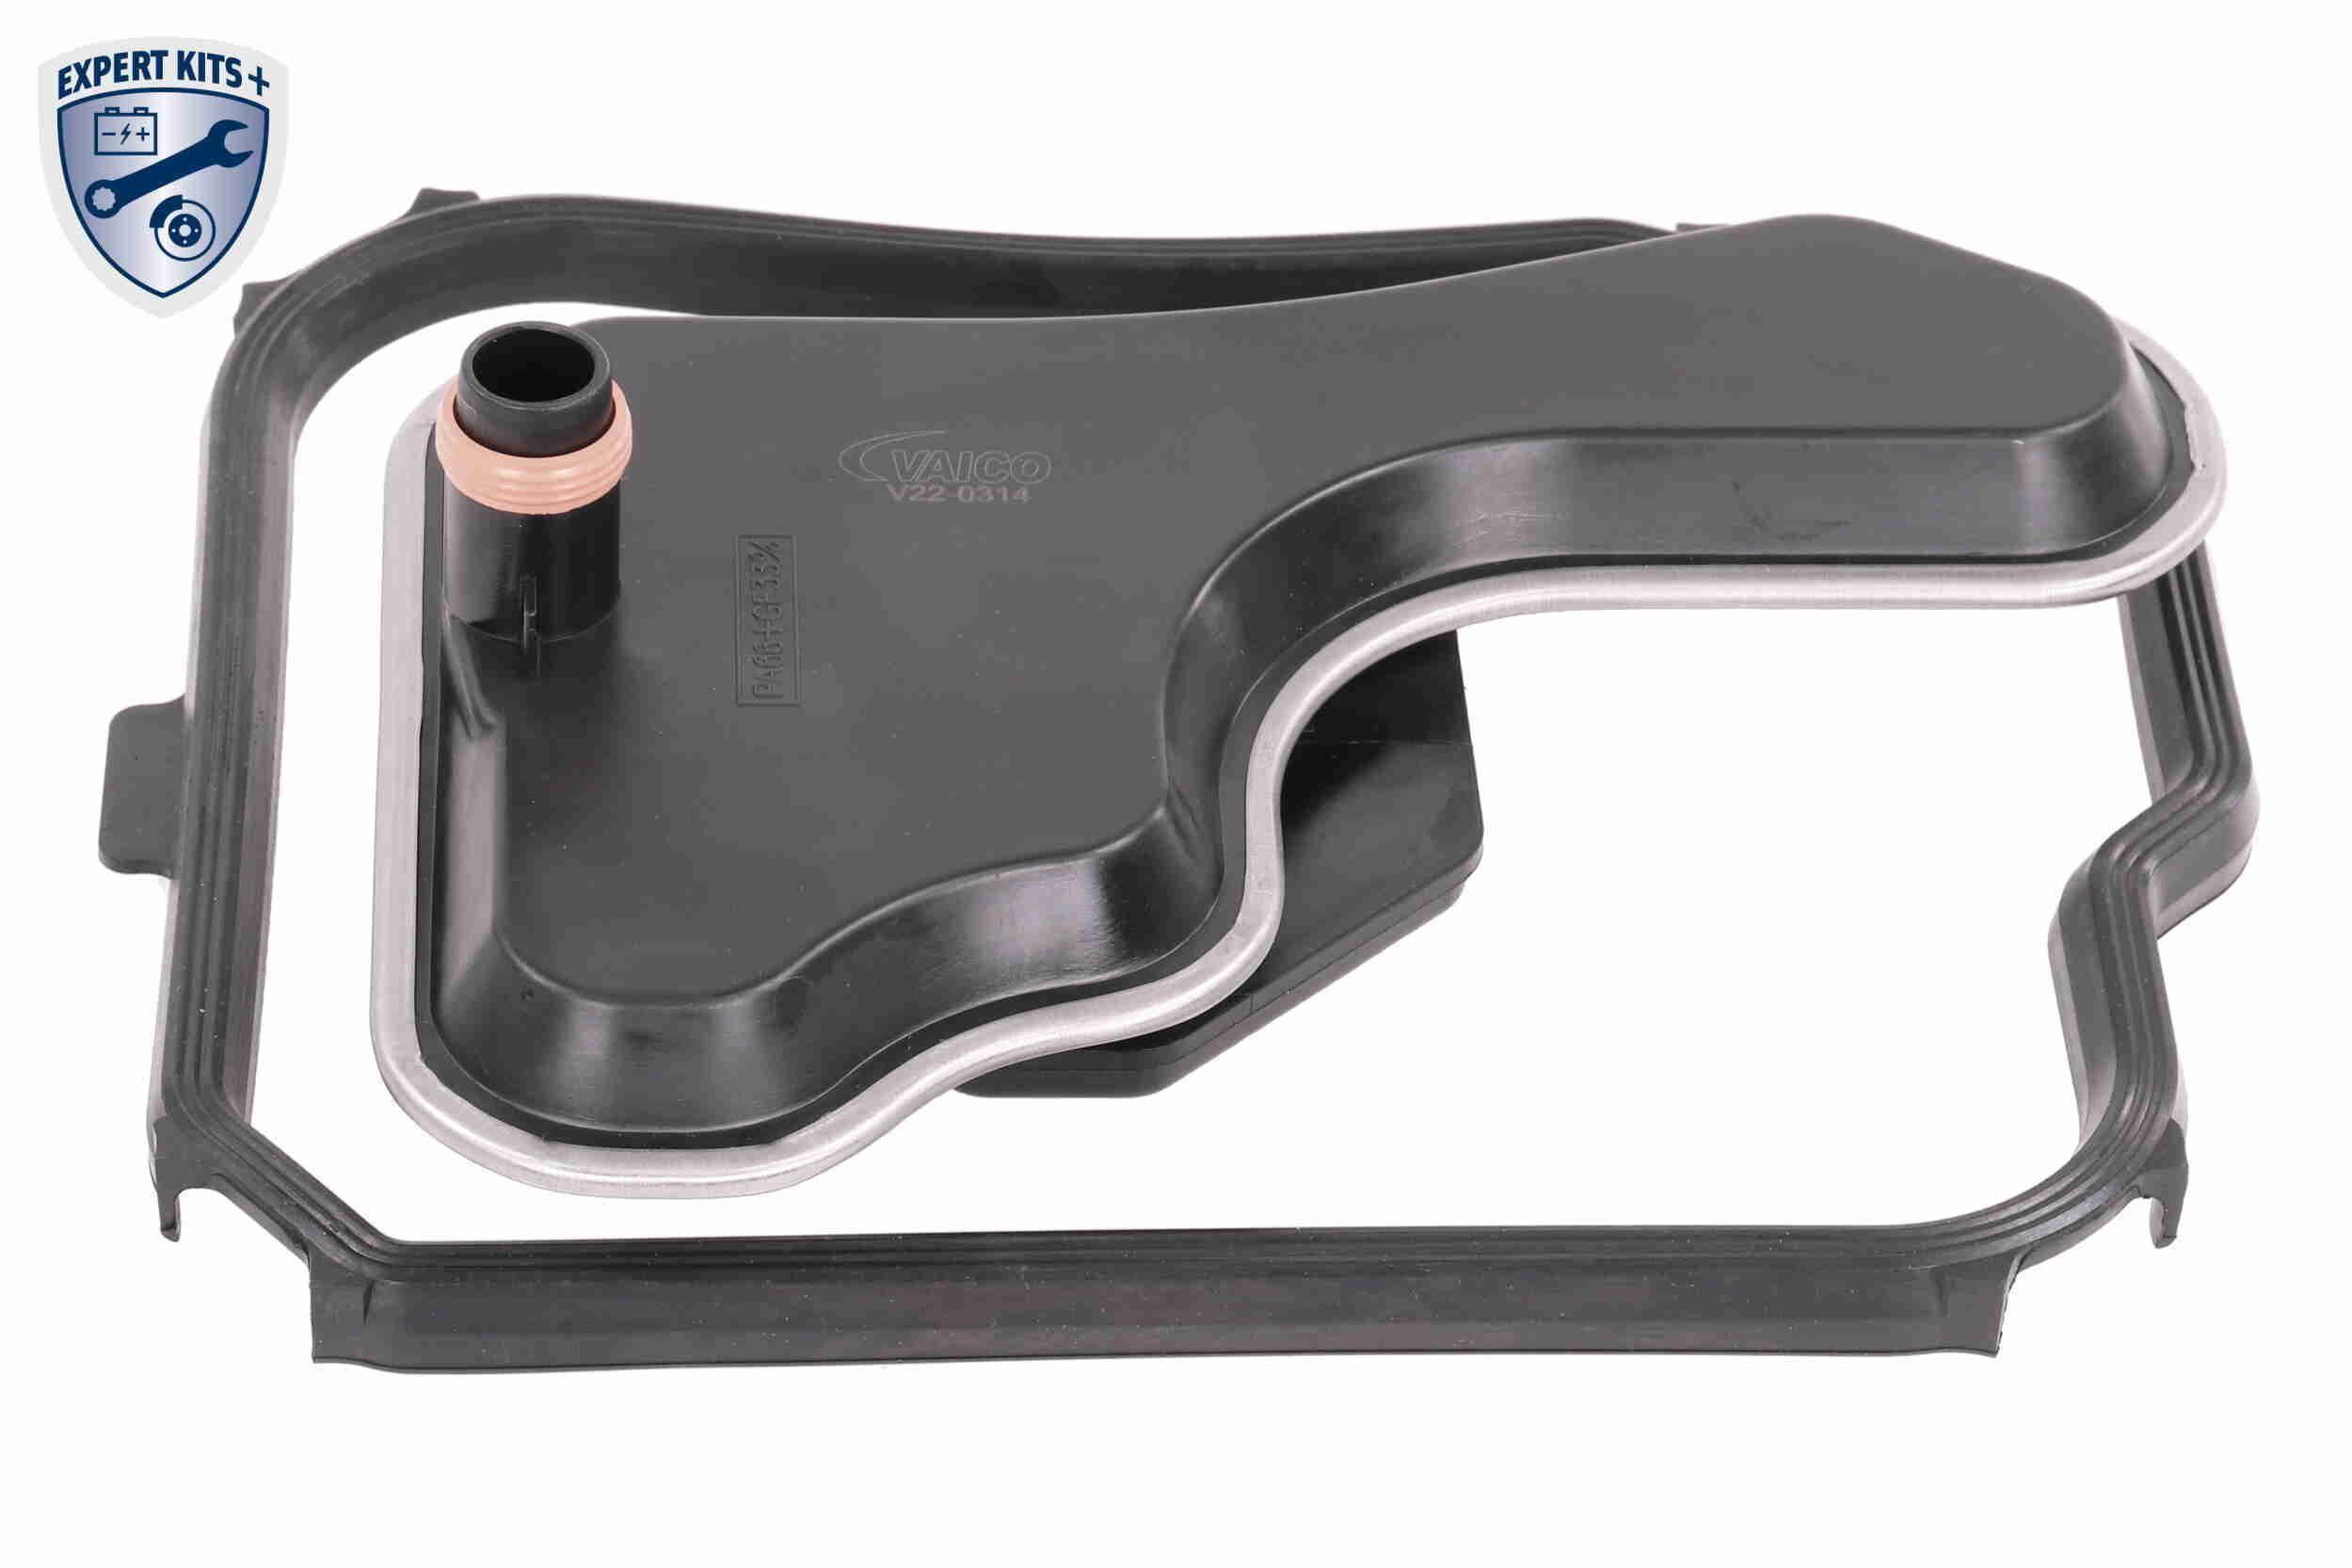 RENAULT LAGUNA 2009 Getriebeteile - Original VAICO V22-0313